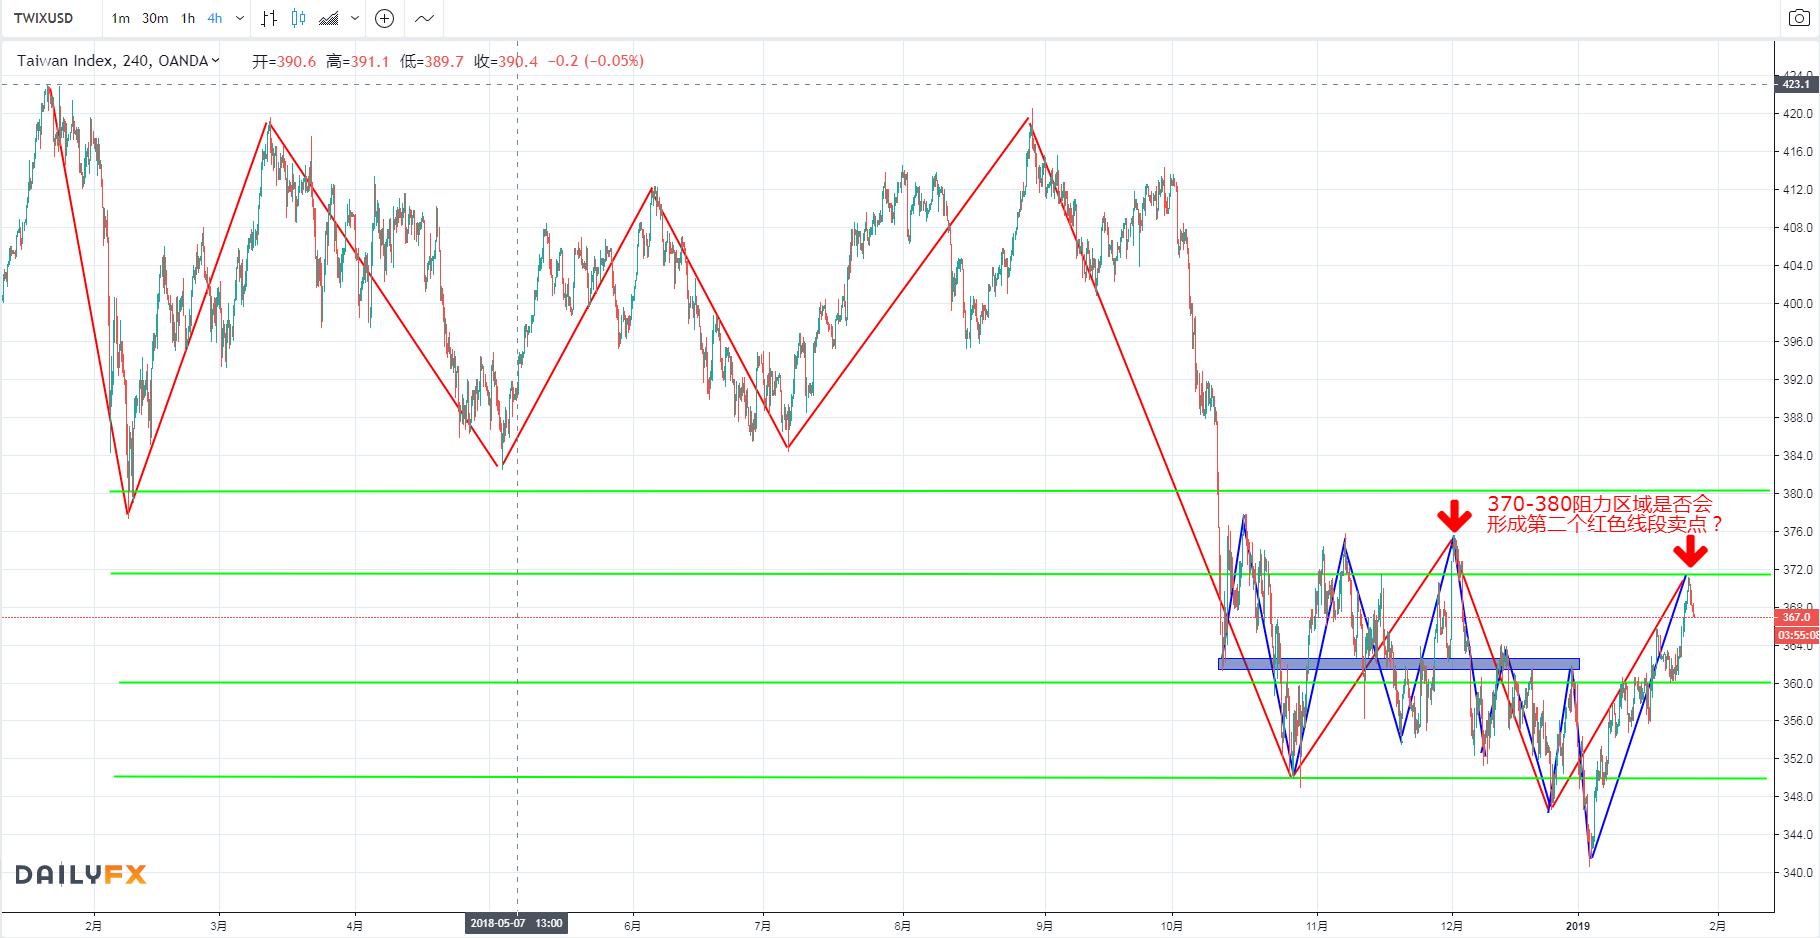 【每周总结】MSCI台湾指数应全球股市涨势连涨三日,最后的疯狂?